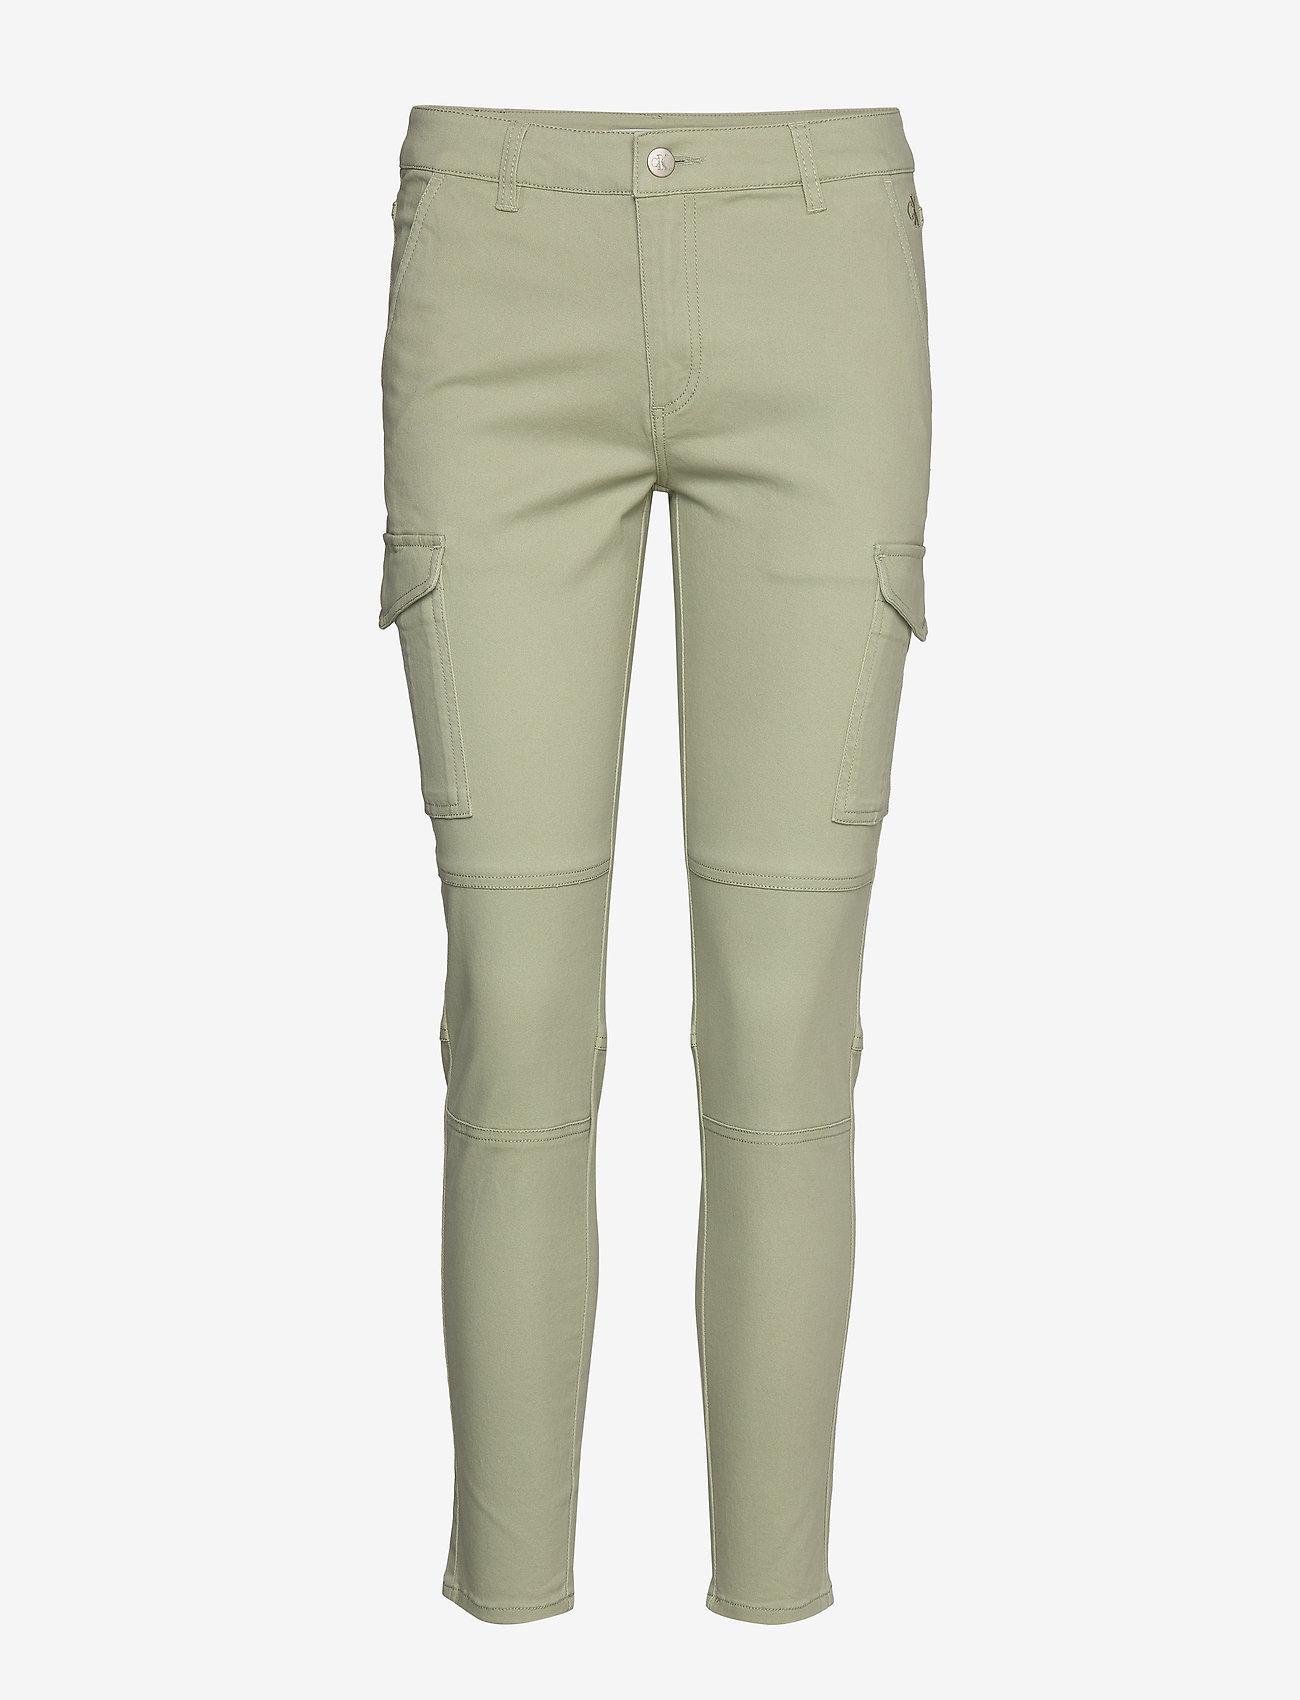 Calvin Klein Jeans - SKINNY CARGO PANTS - broeken med skinny fit - earth sage - 0